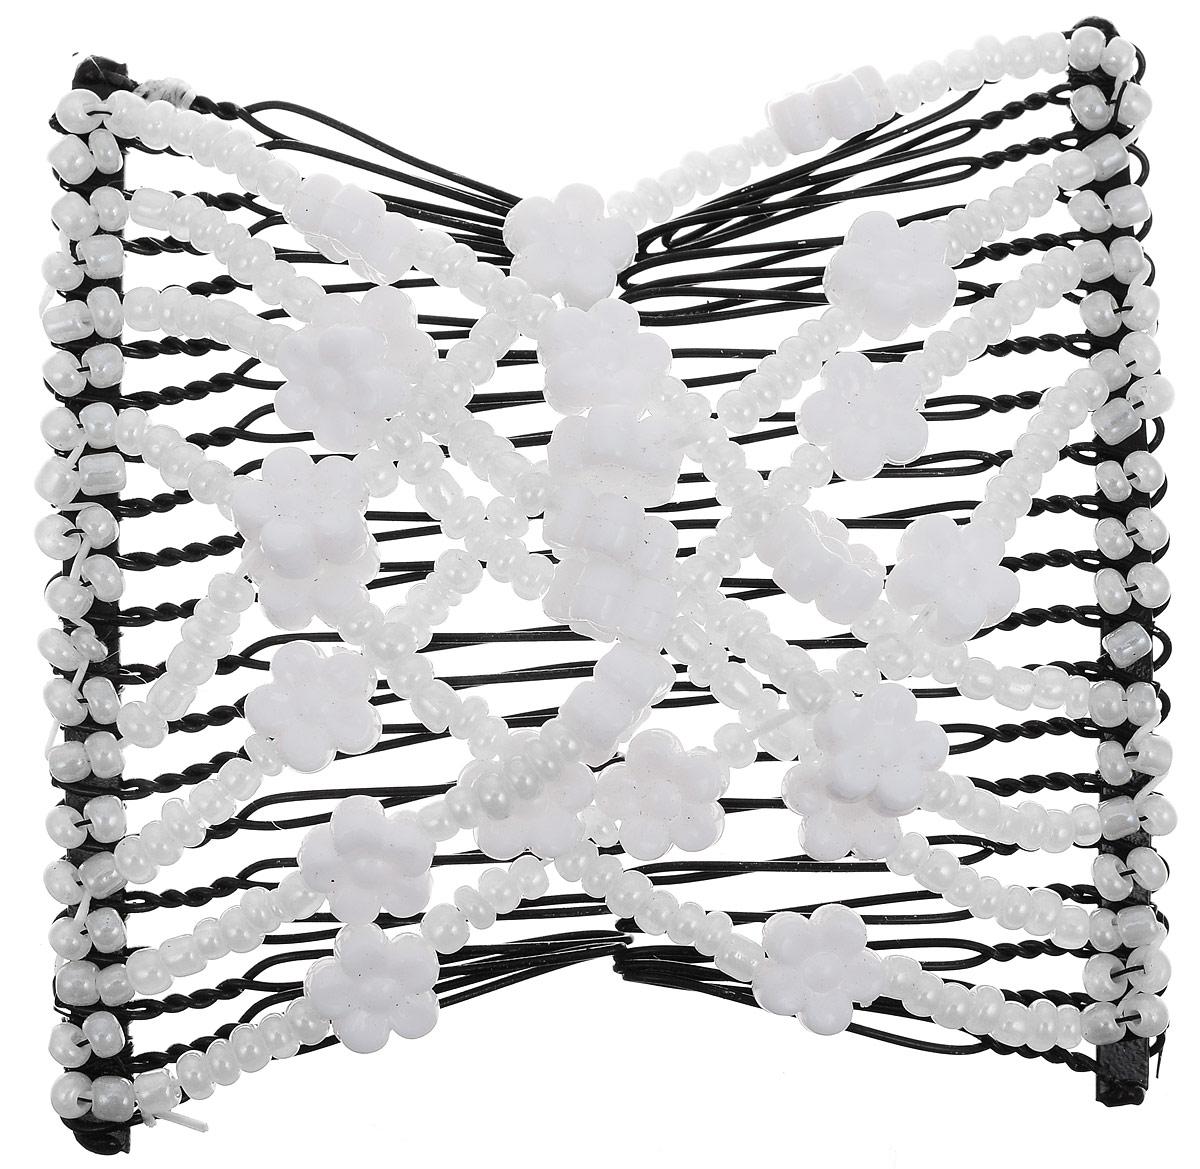 EZ-Combs Заколка Изи-Комбс, одинарная, цвет: белый, черный. ЗИО_цветочки ez combs заколка изи комбс одинарная цвет коричневый зио сердечки